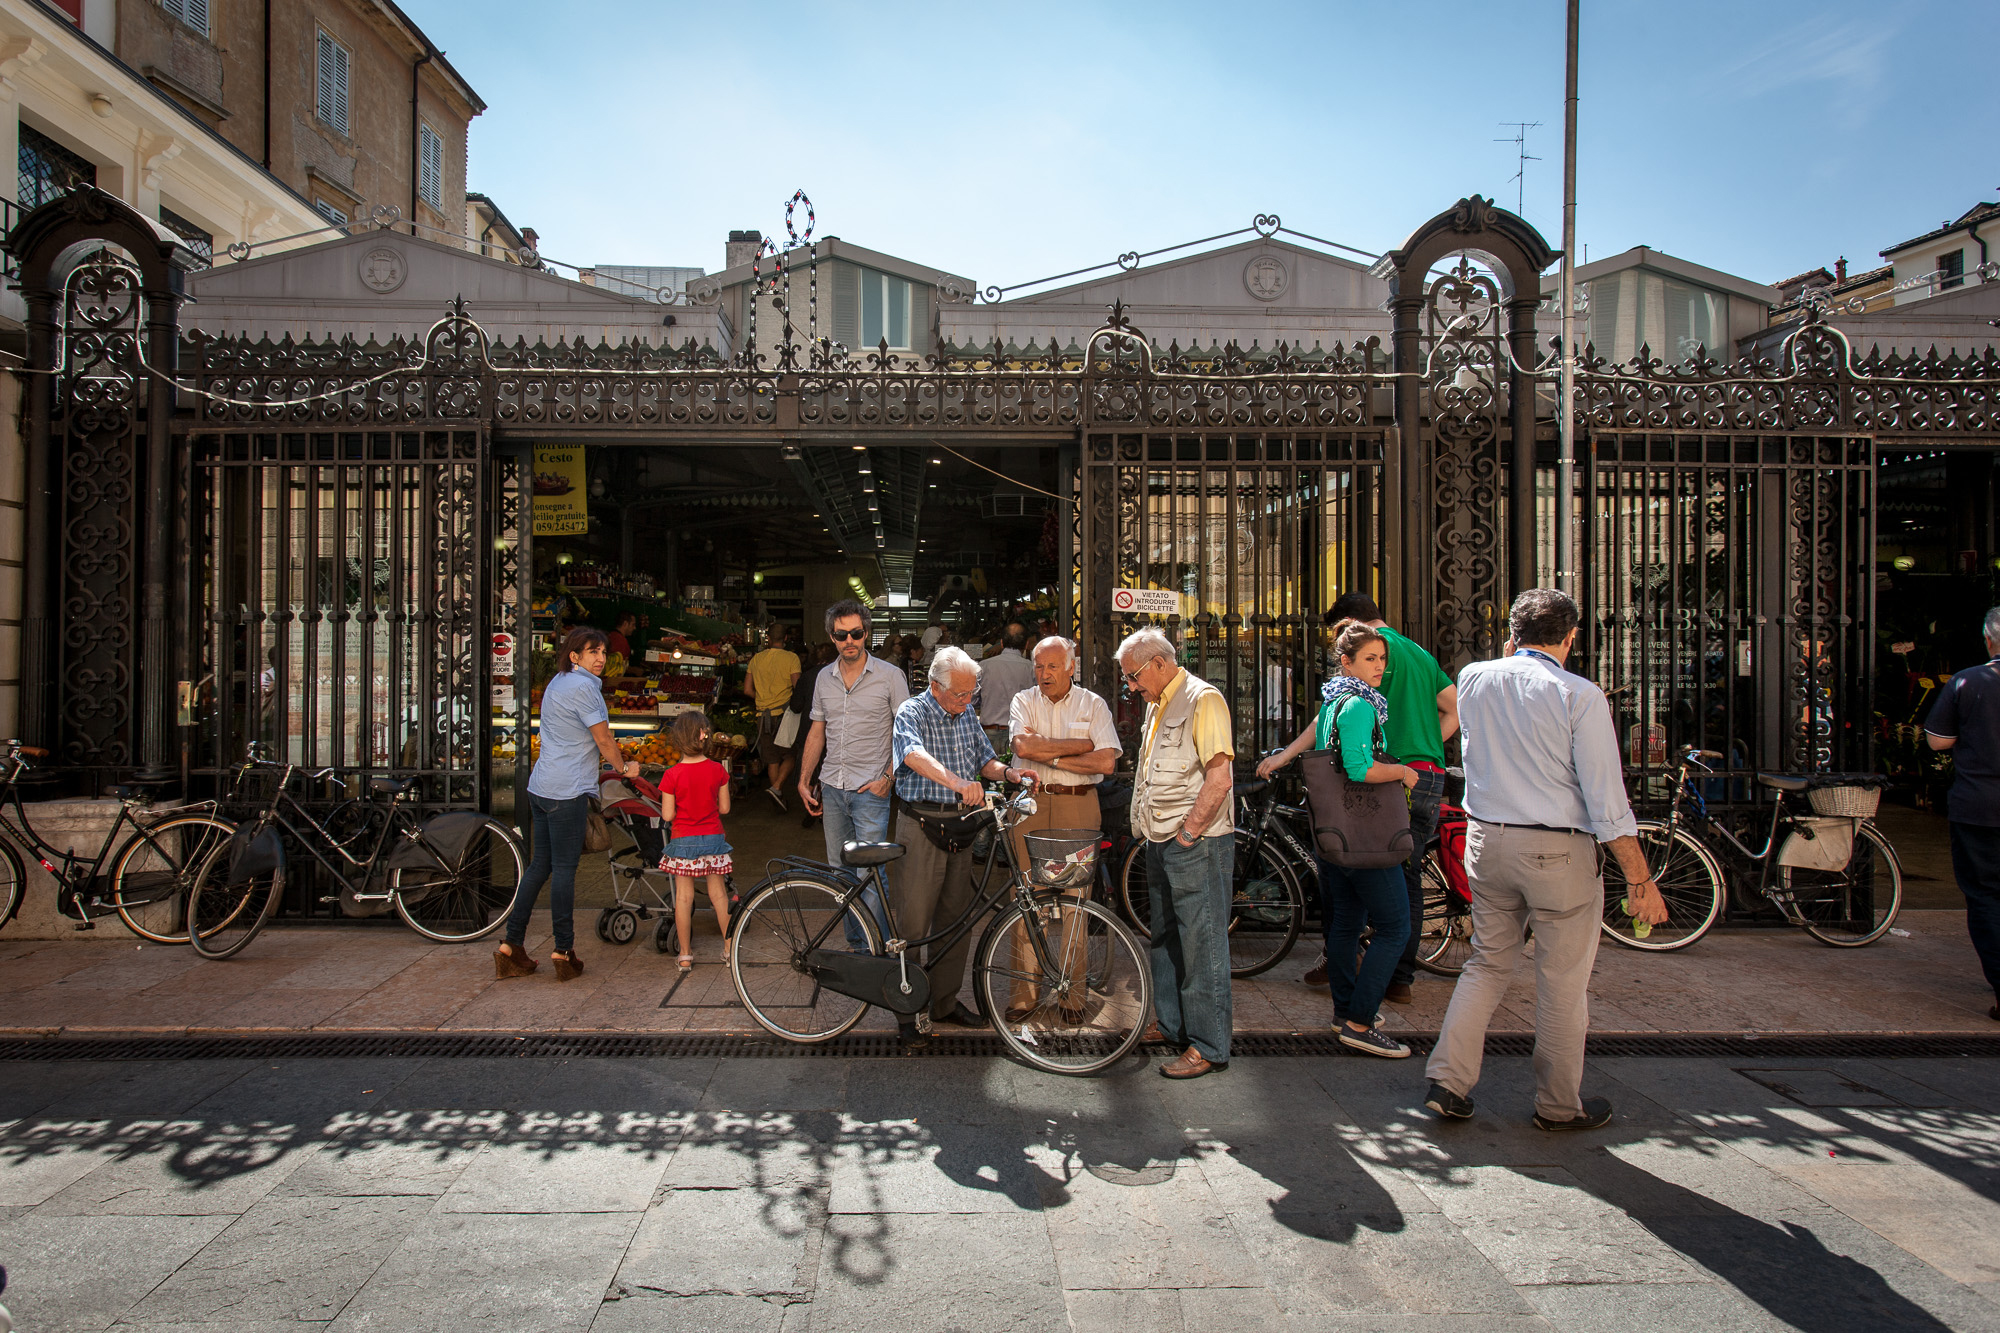 Mercato Albinelli-Modena Italy